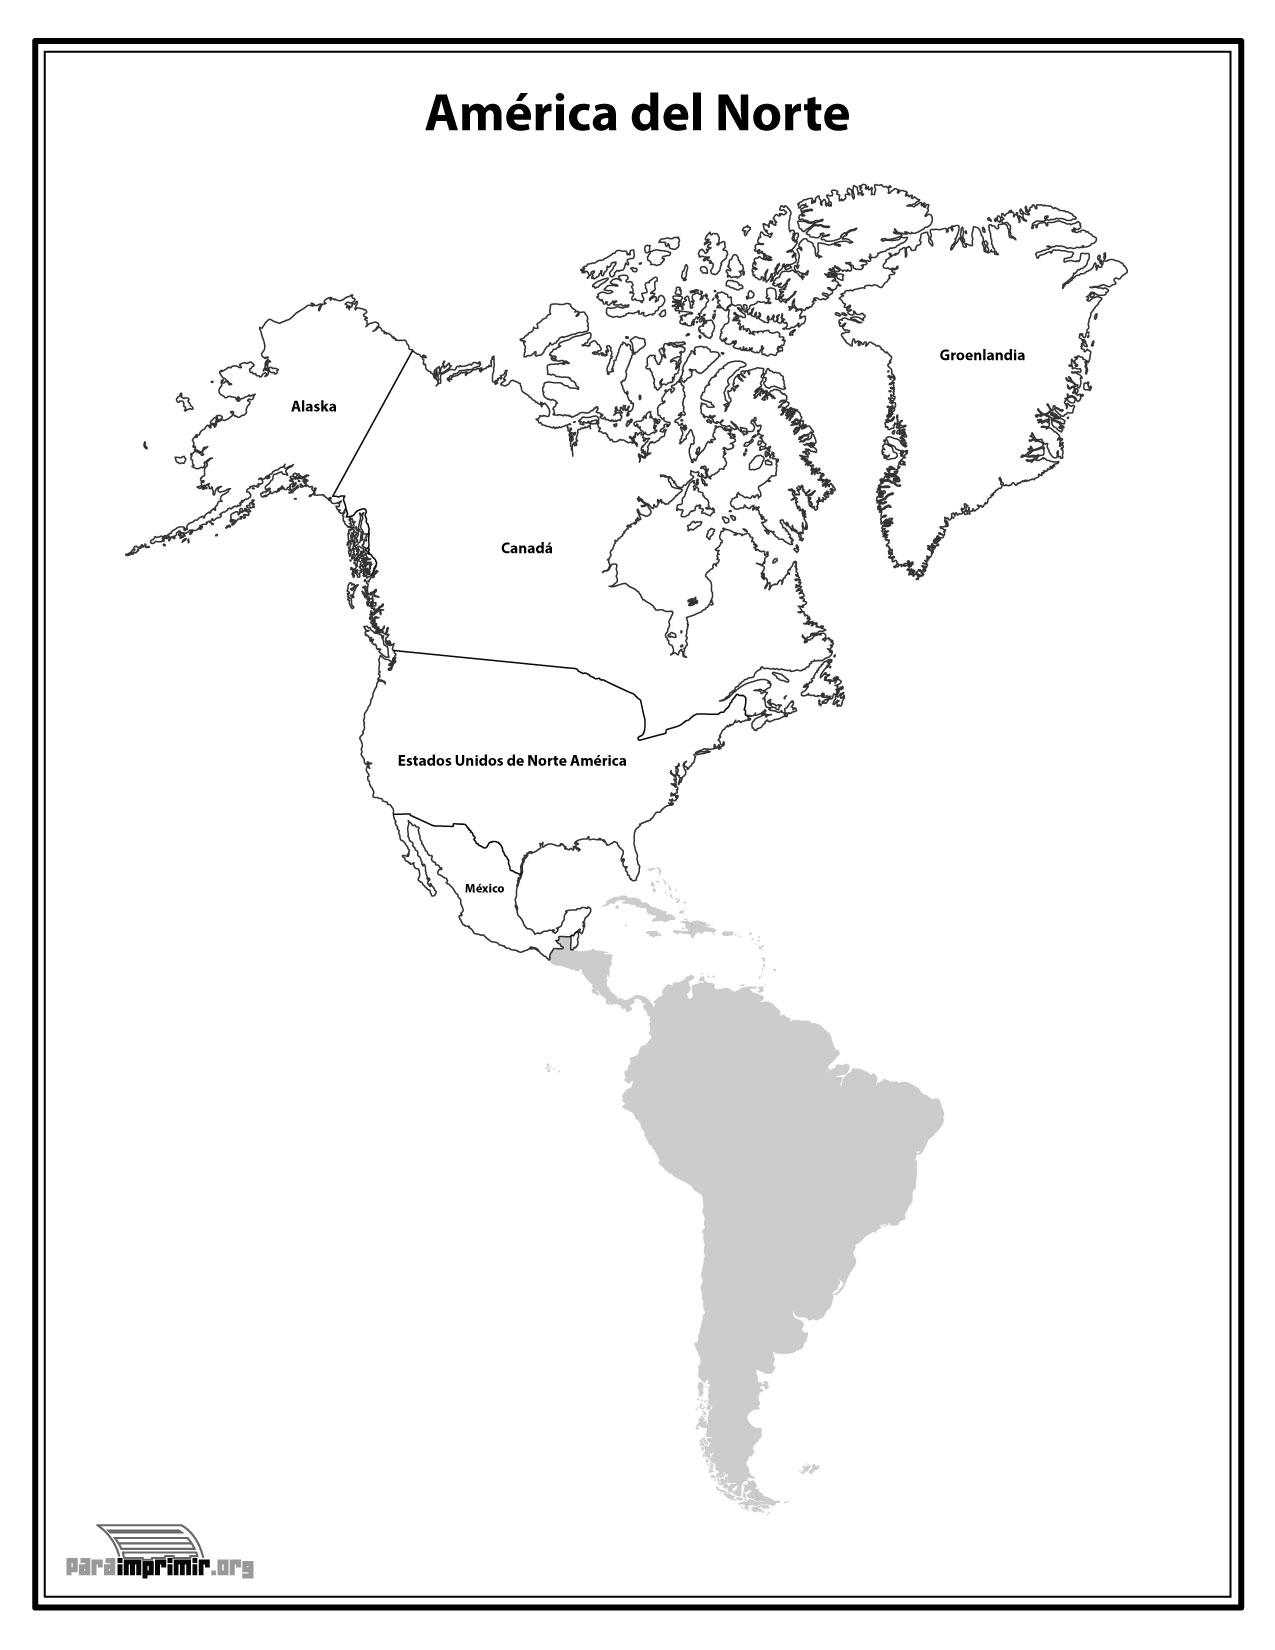 Mapa Del Continente Norte Americano Con Nombres Para Imprimir